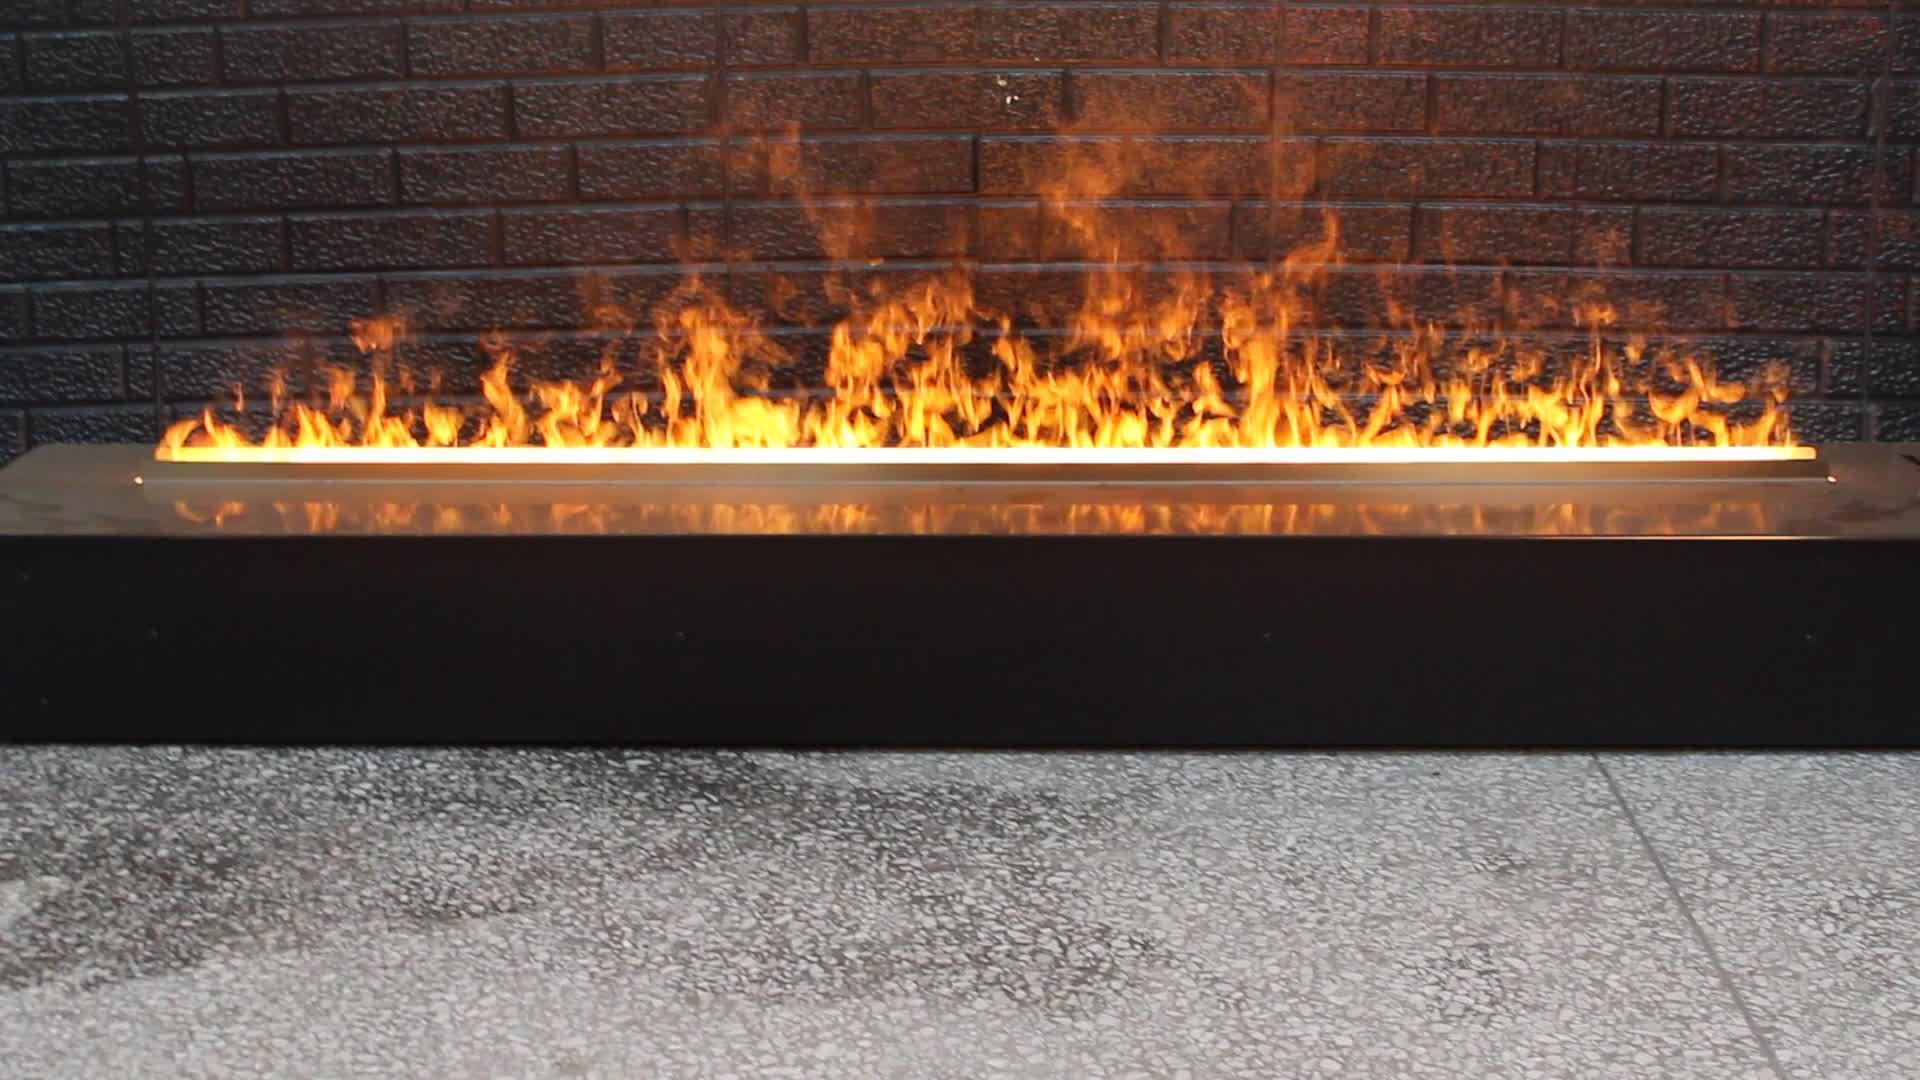 Atomization Fire Steam Fireplace Cassette 1500mm Flat Panel Design Smoke Flame Effect Dampf Elektrischer Kamin Buy Atomization Fire Atomization Fireplace Smoke Effect Fire Product On Alibaba Com